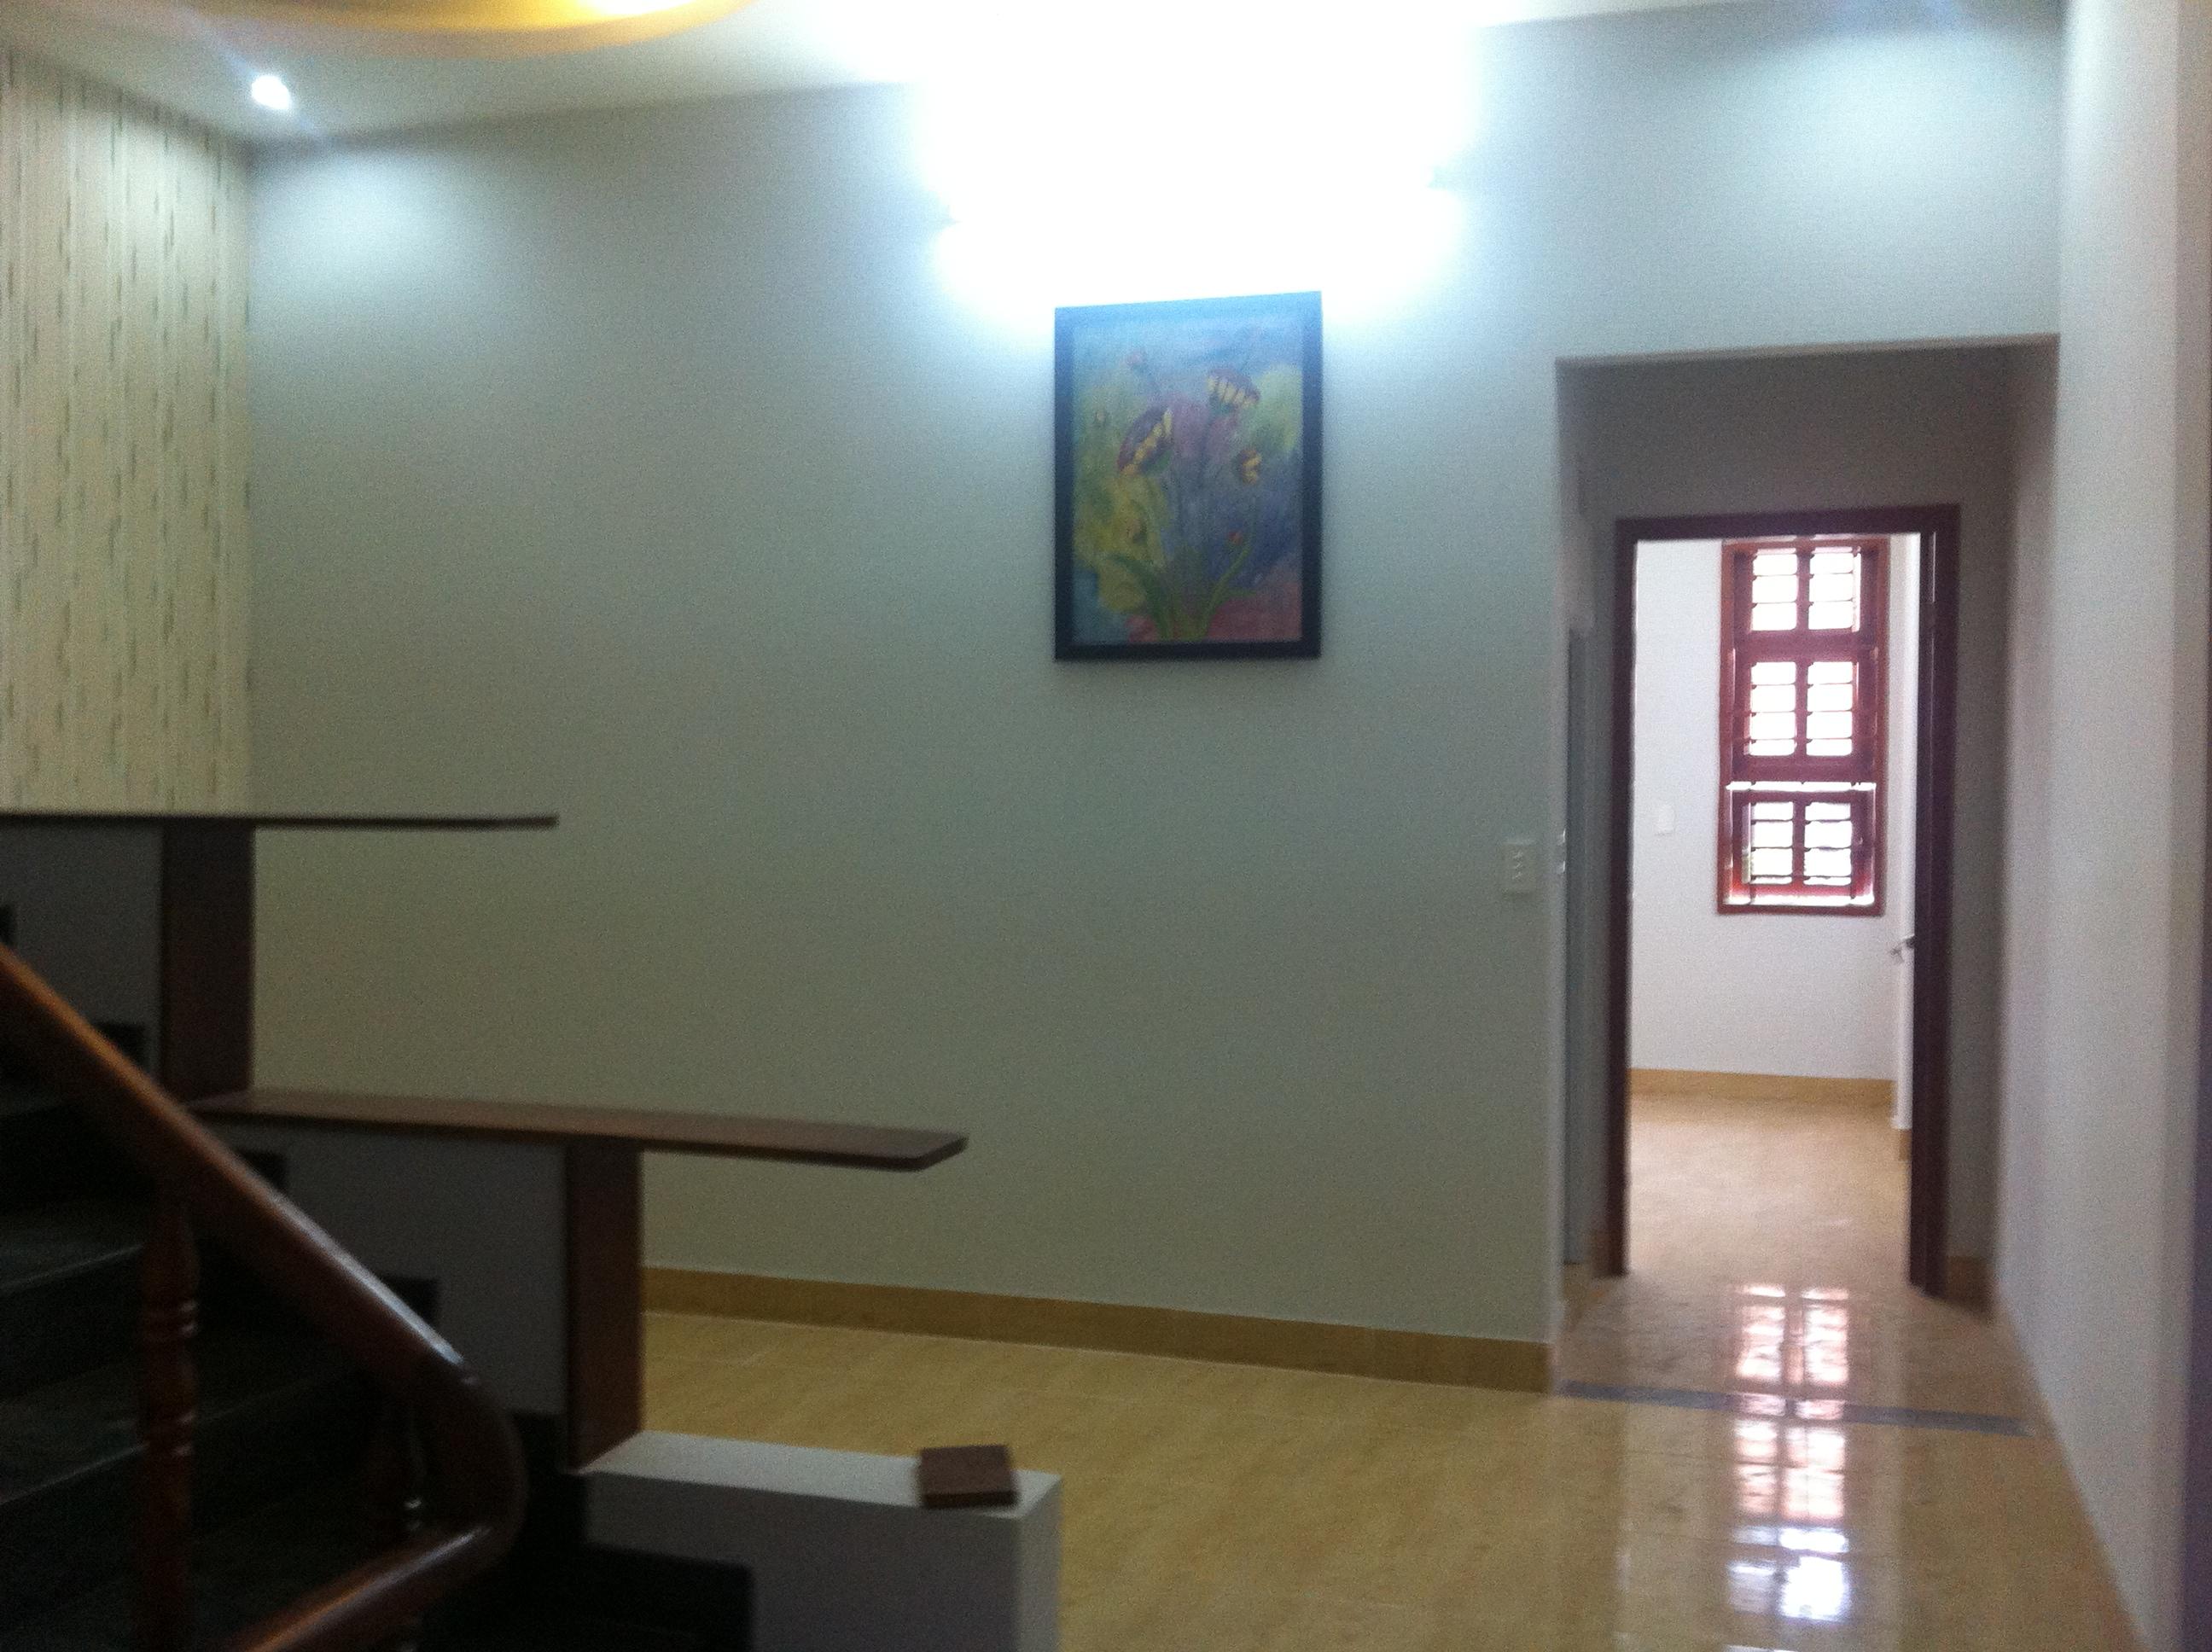 tầng lầu nhà đẹp tại trung tâm hành chính dĩ an, gần thủ đức